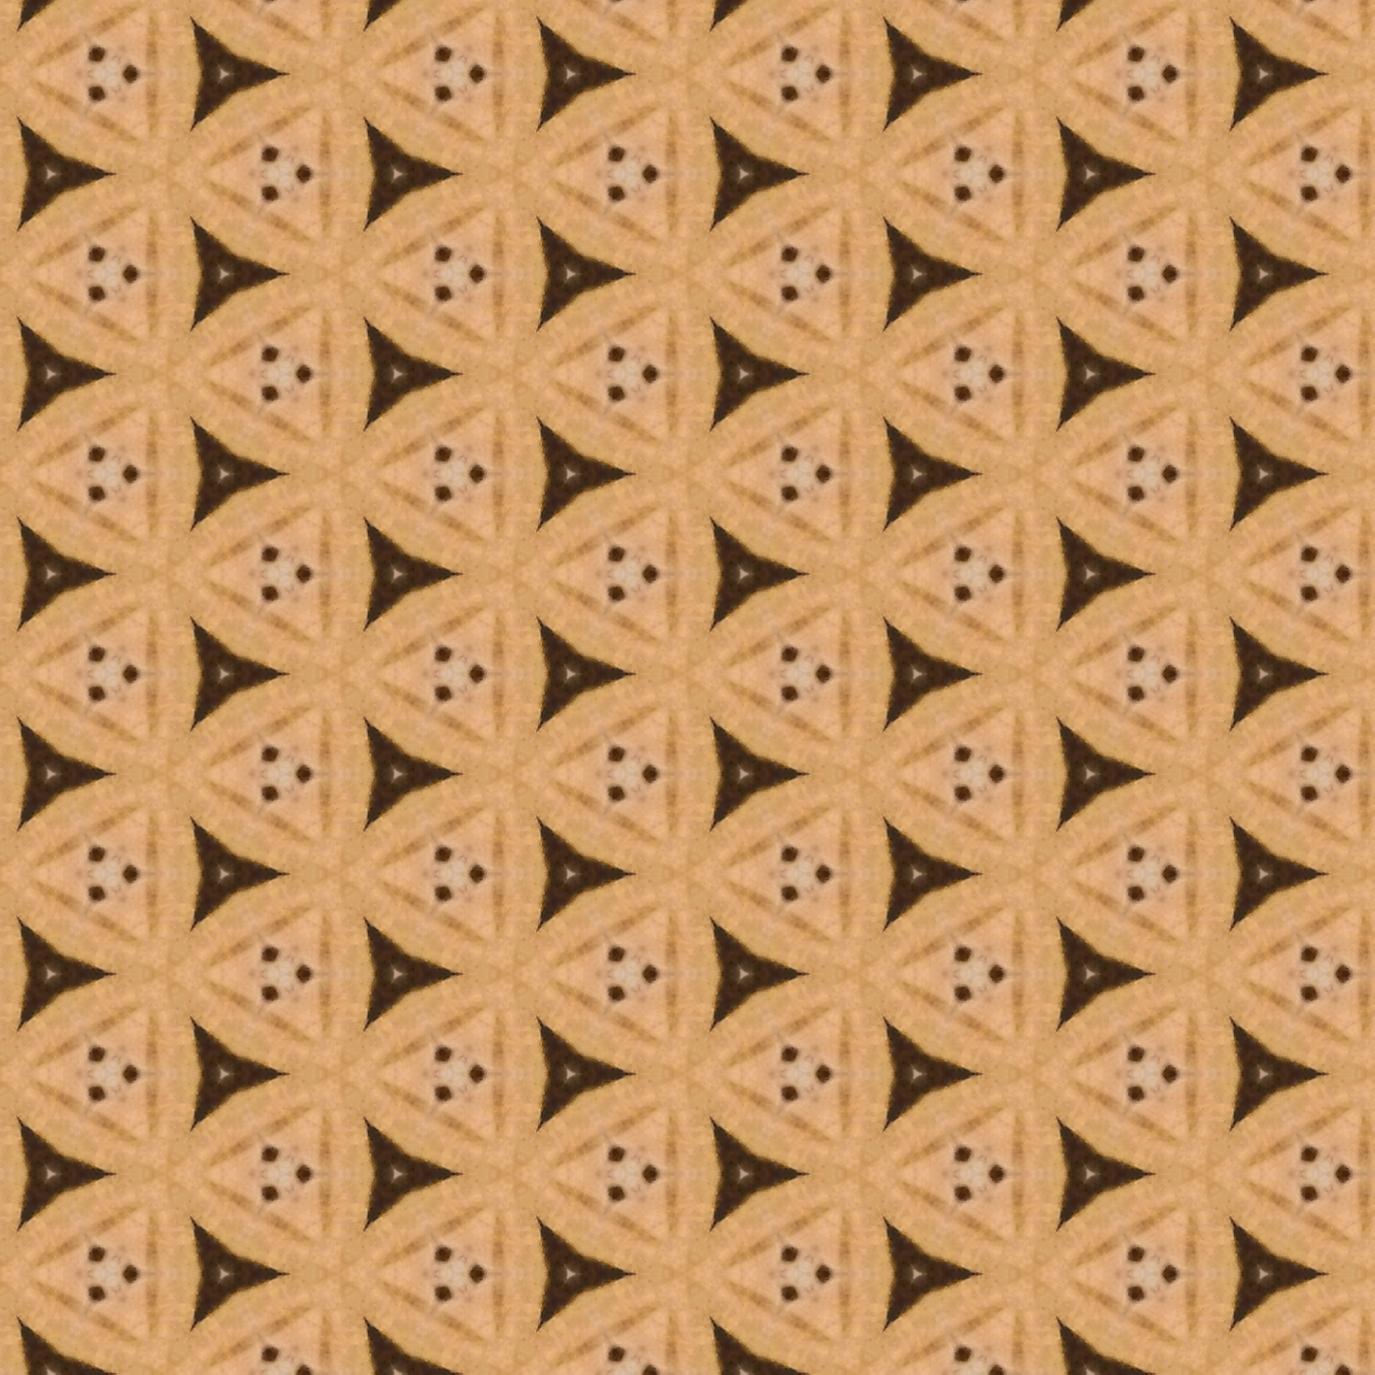 Fabric design _8161_6i